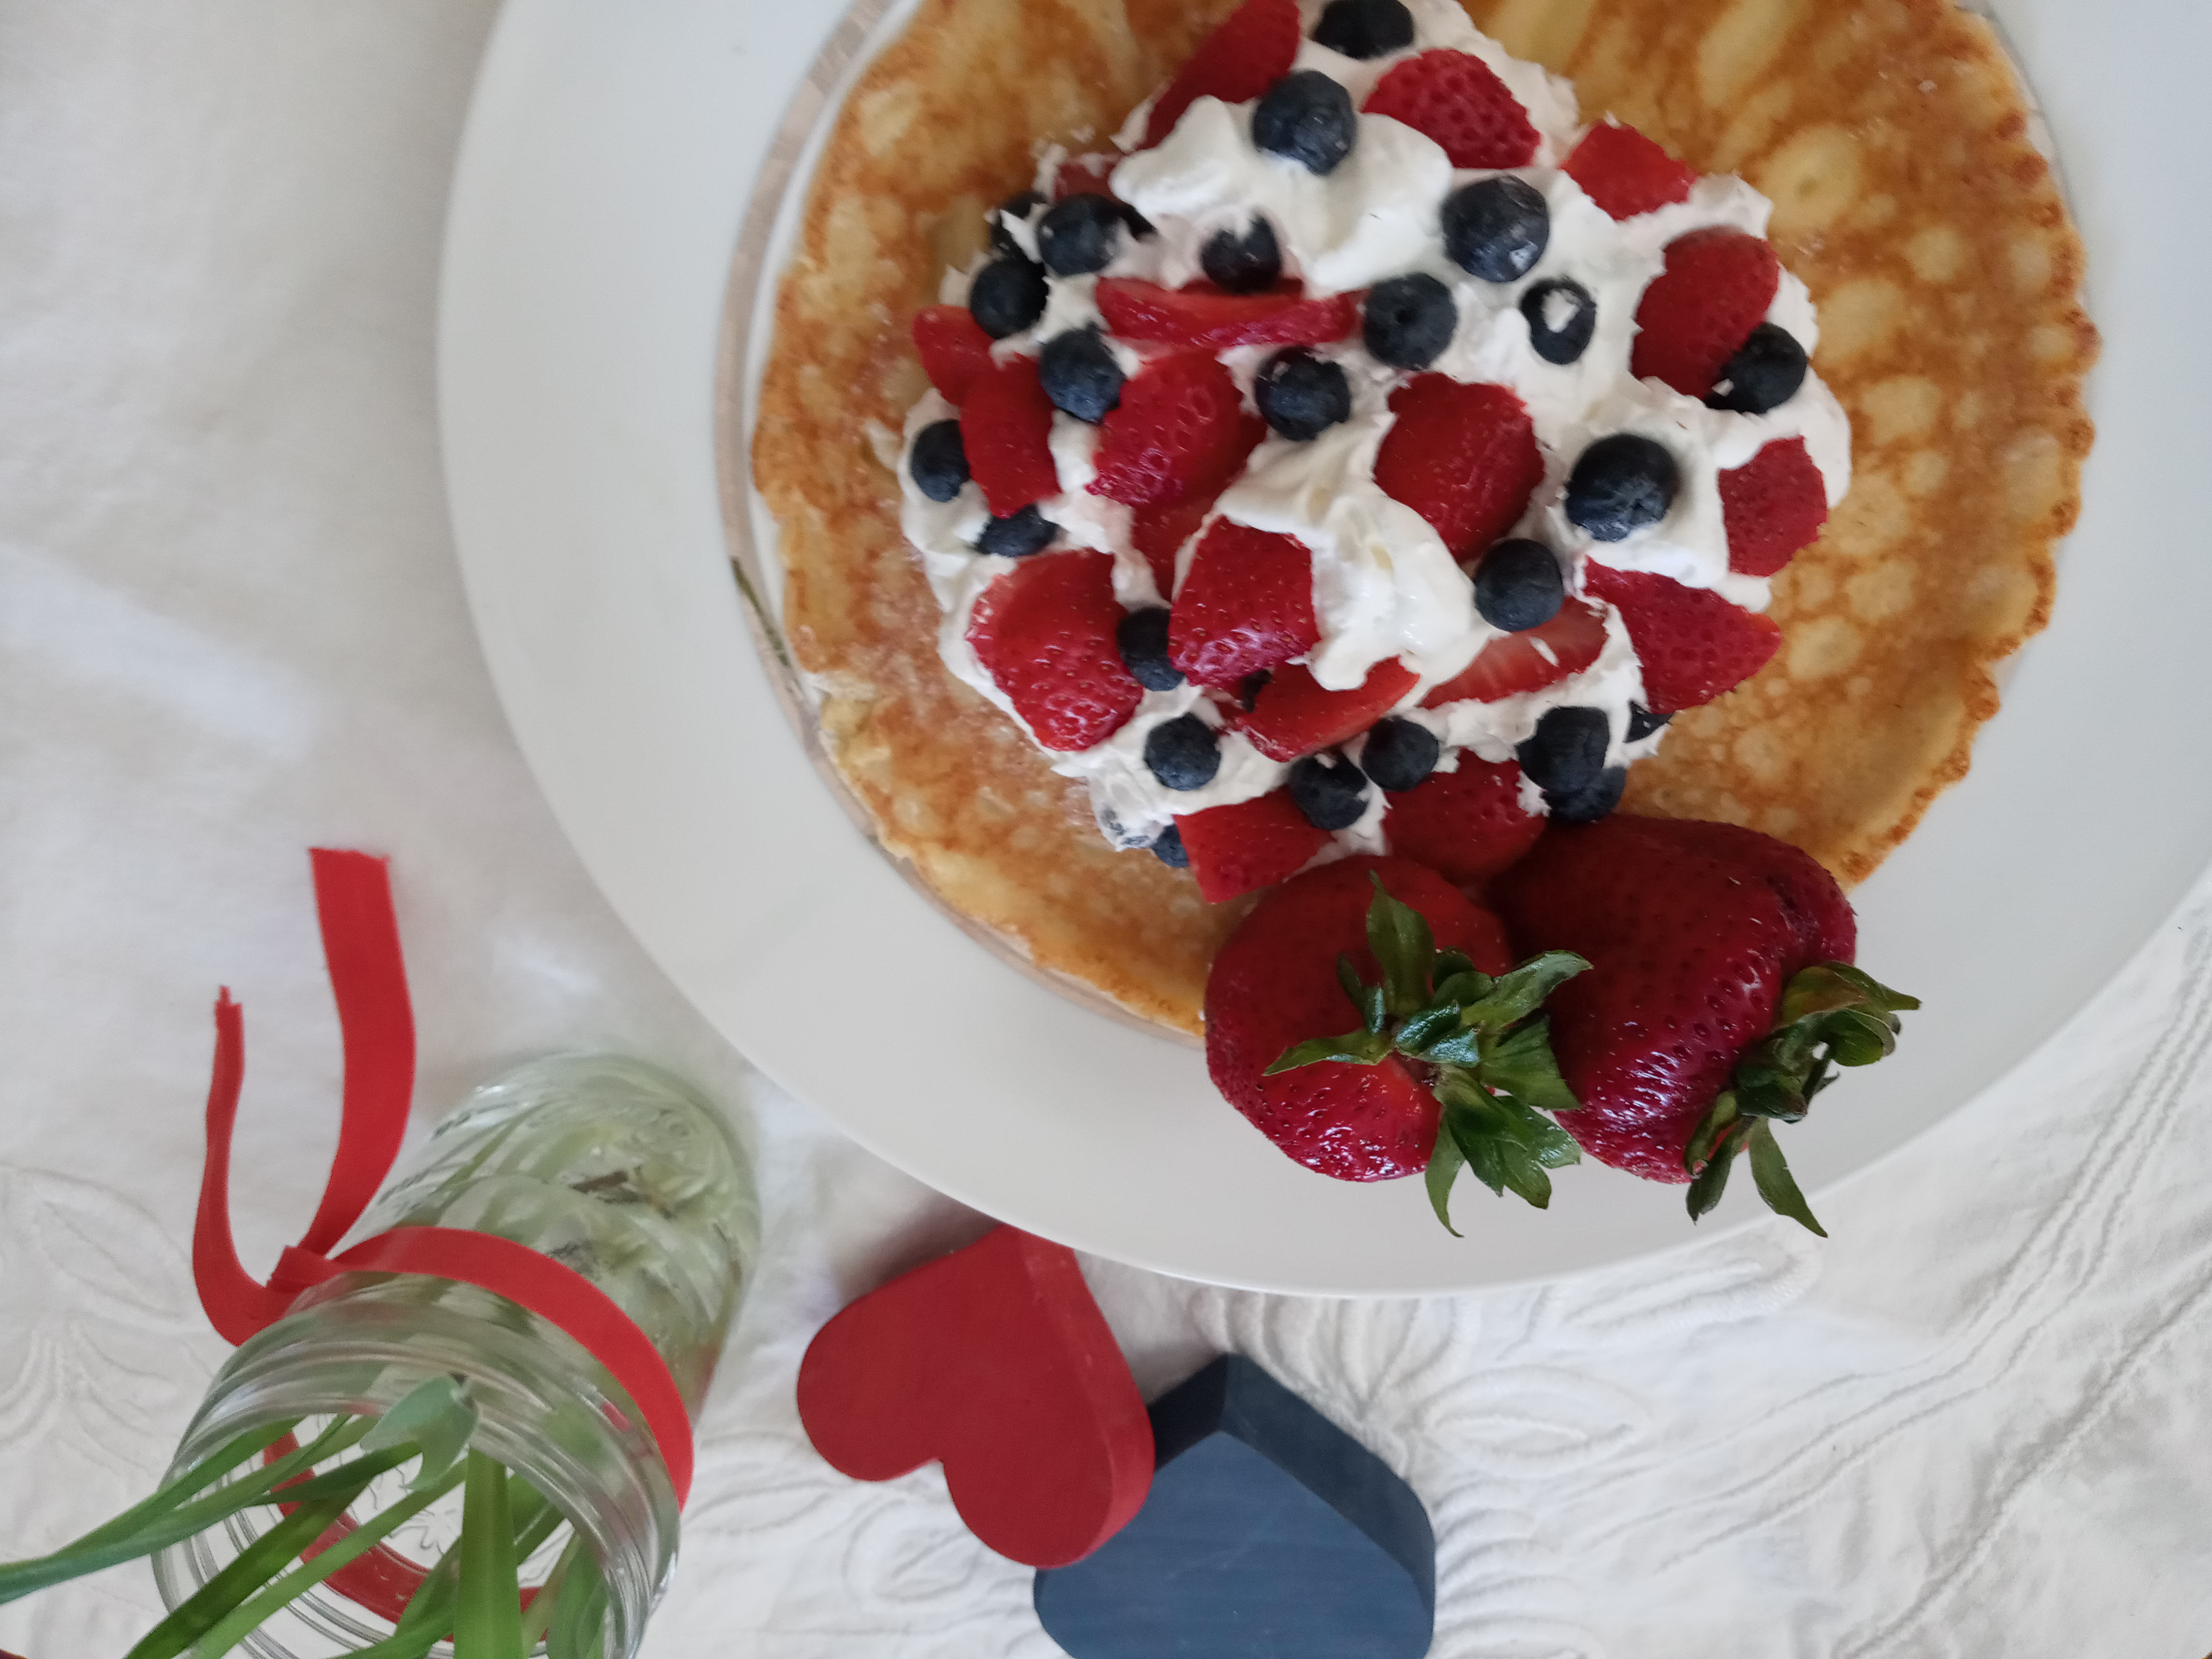 pancake strawberries blueberries whipped cream